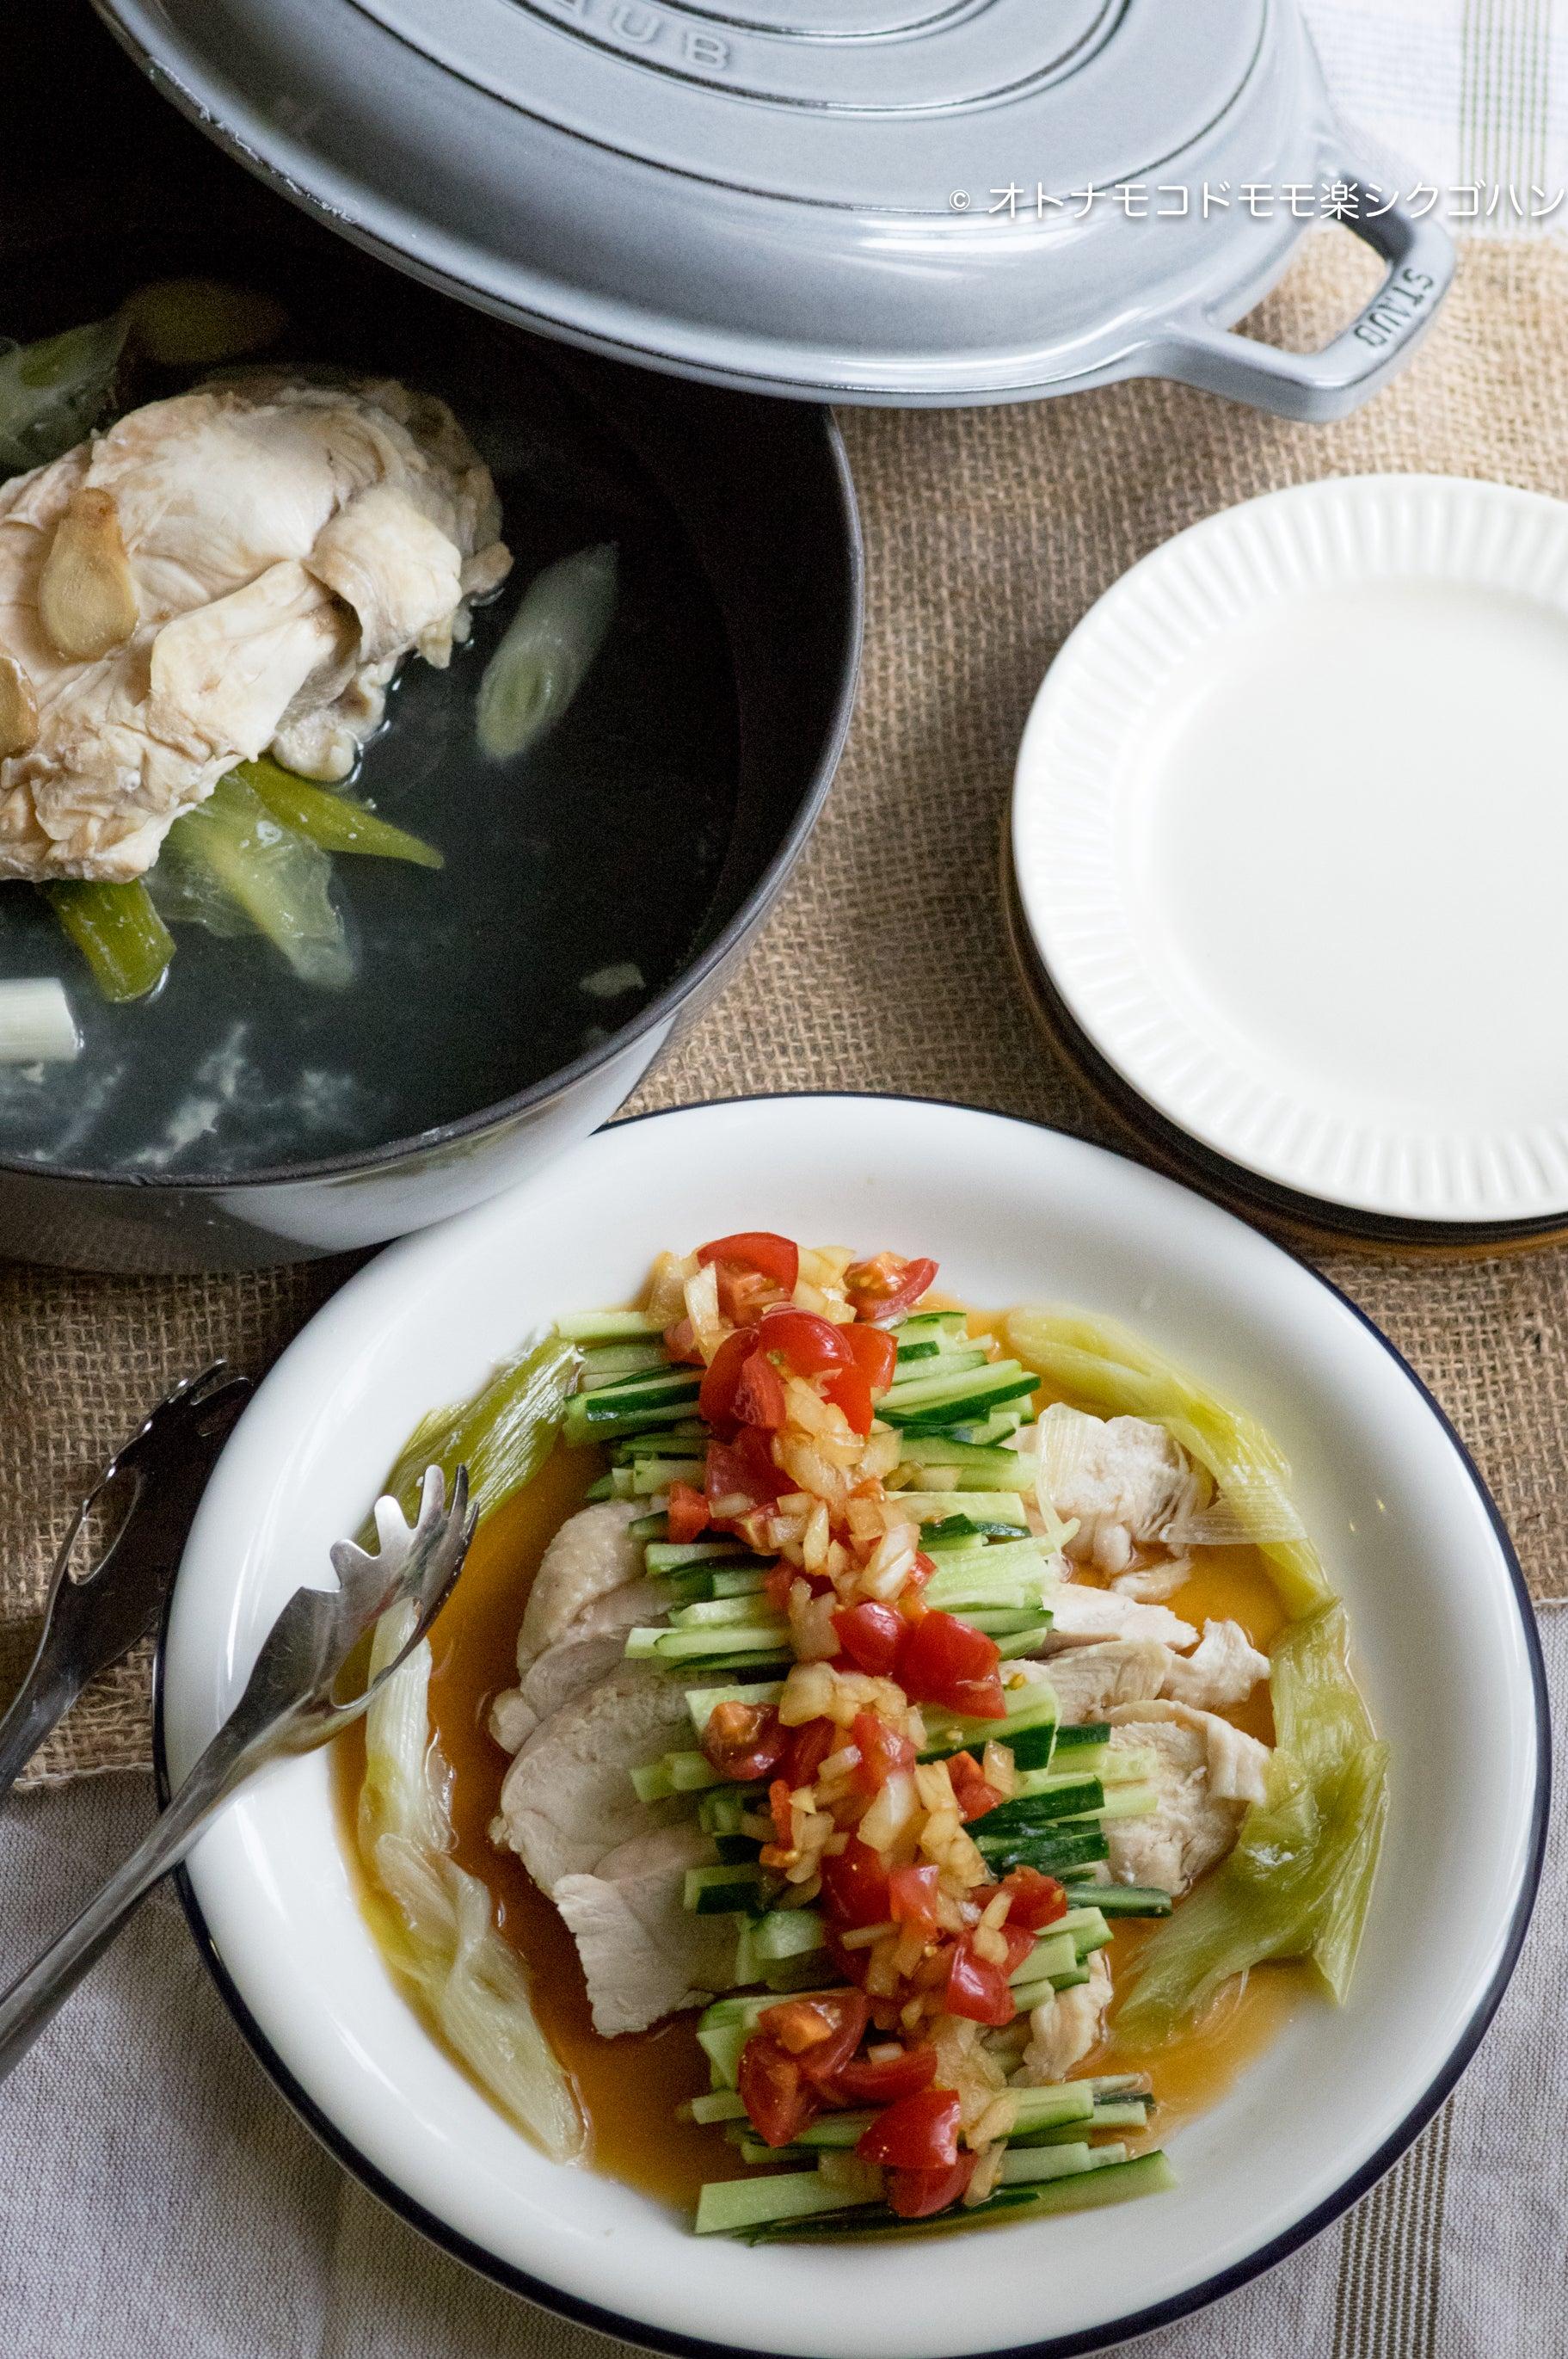 鶏胸肉で蒸し鶏&簡単ポン酢ソース」レシピと恐怖の襲撃